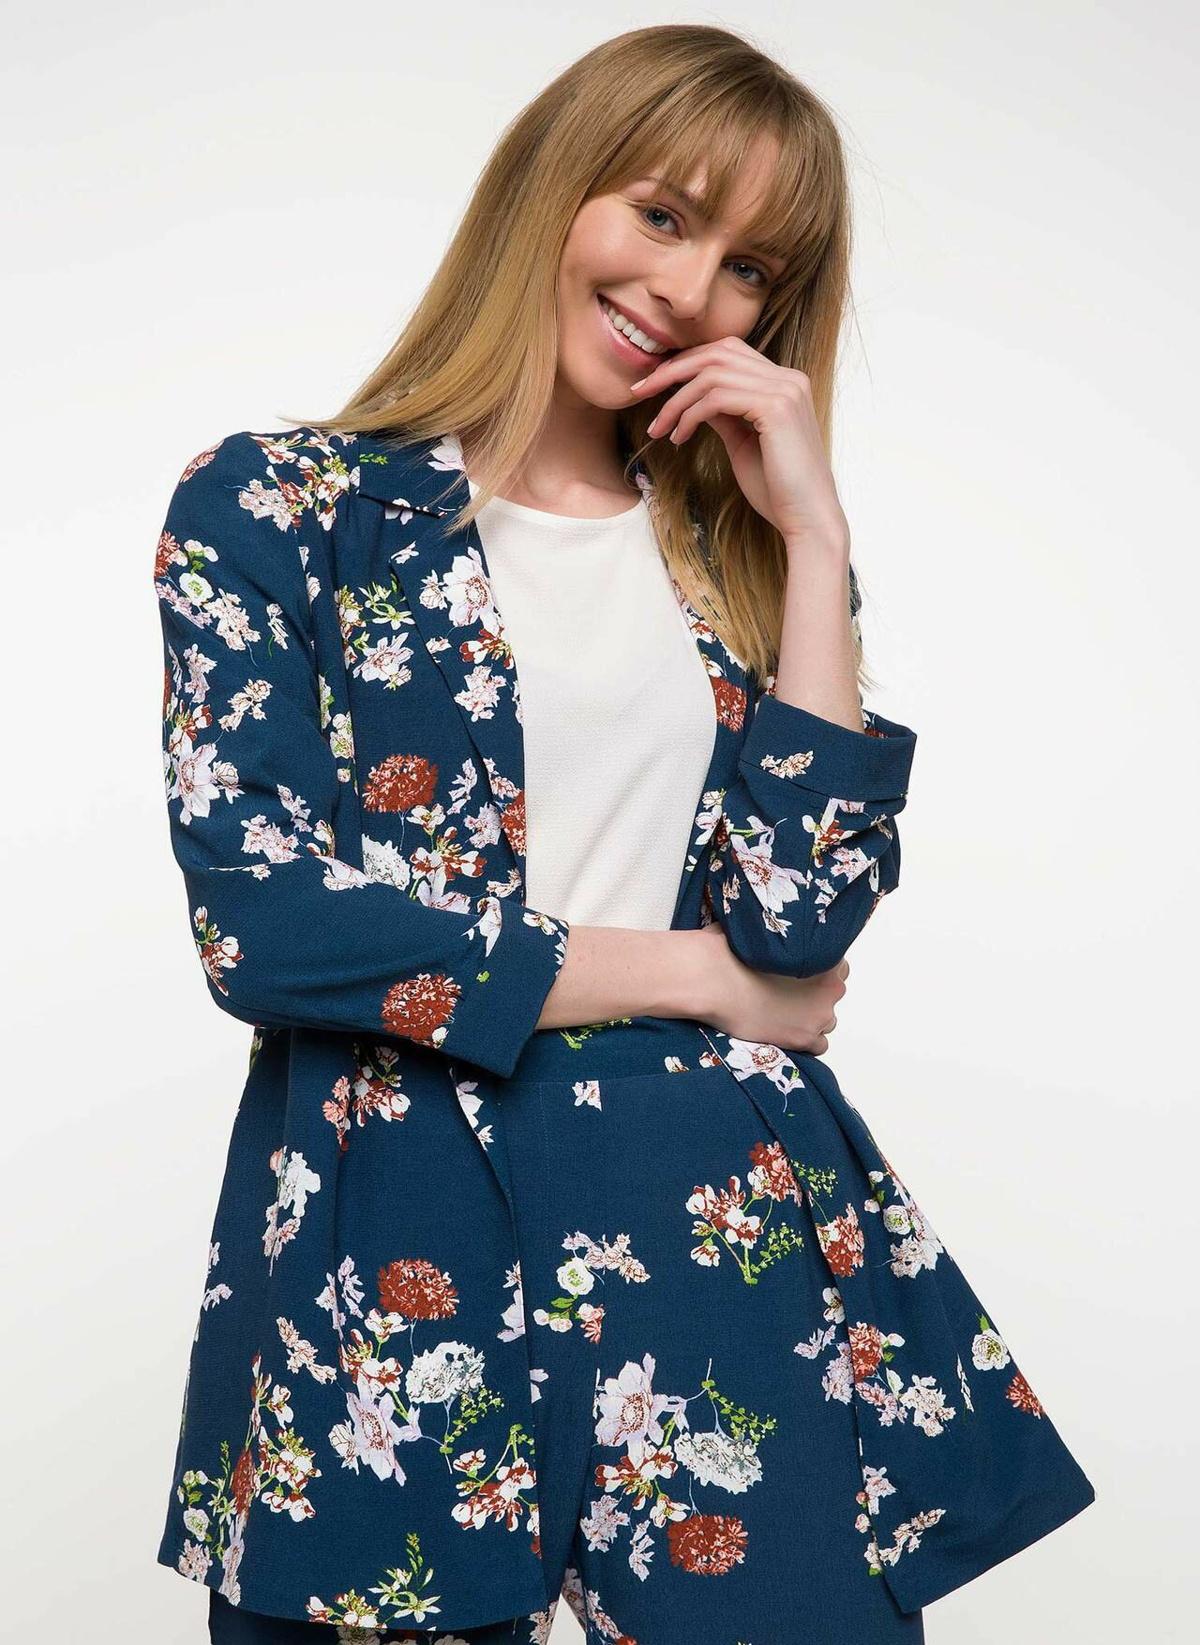 Defacto Desenli Uzun Blazer Ceket I7308az18spgn800ceket – 99.99 TL